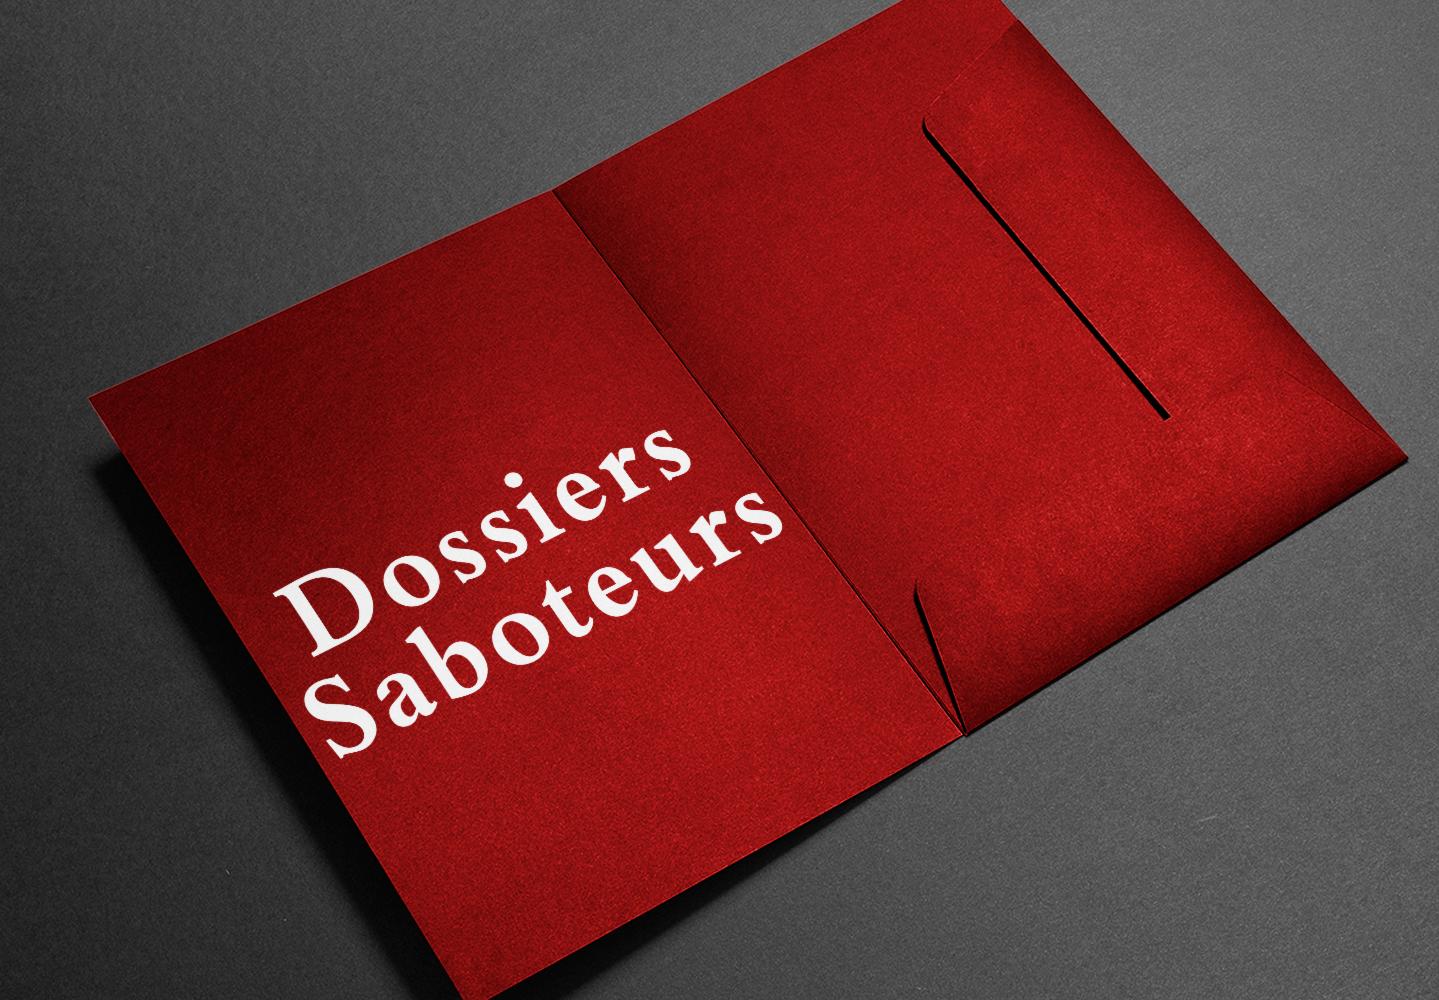 Actualité politique - Dossiers